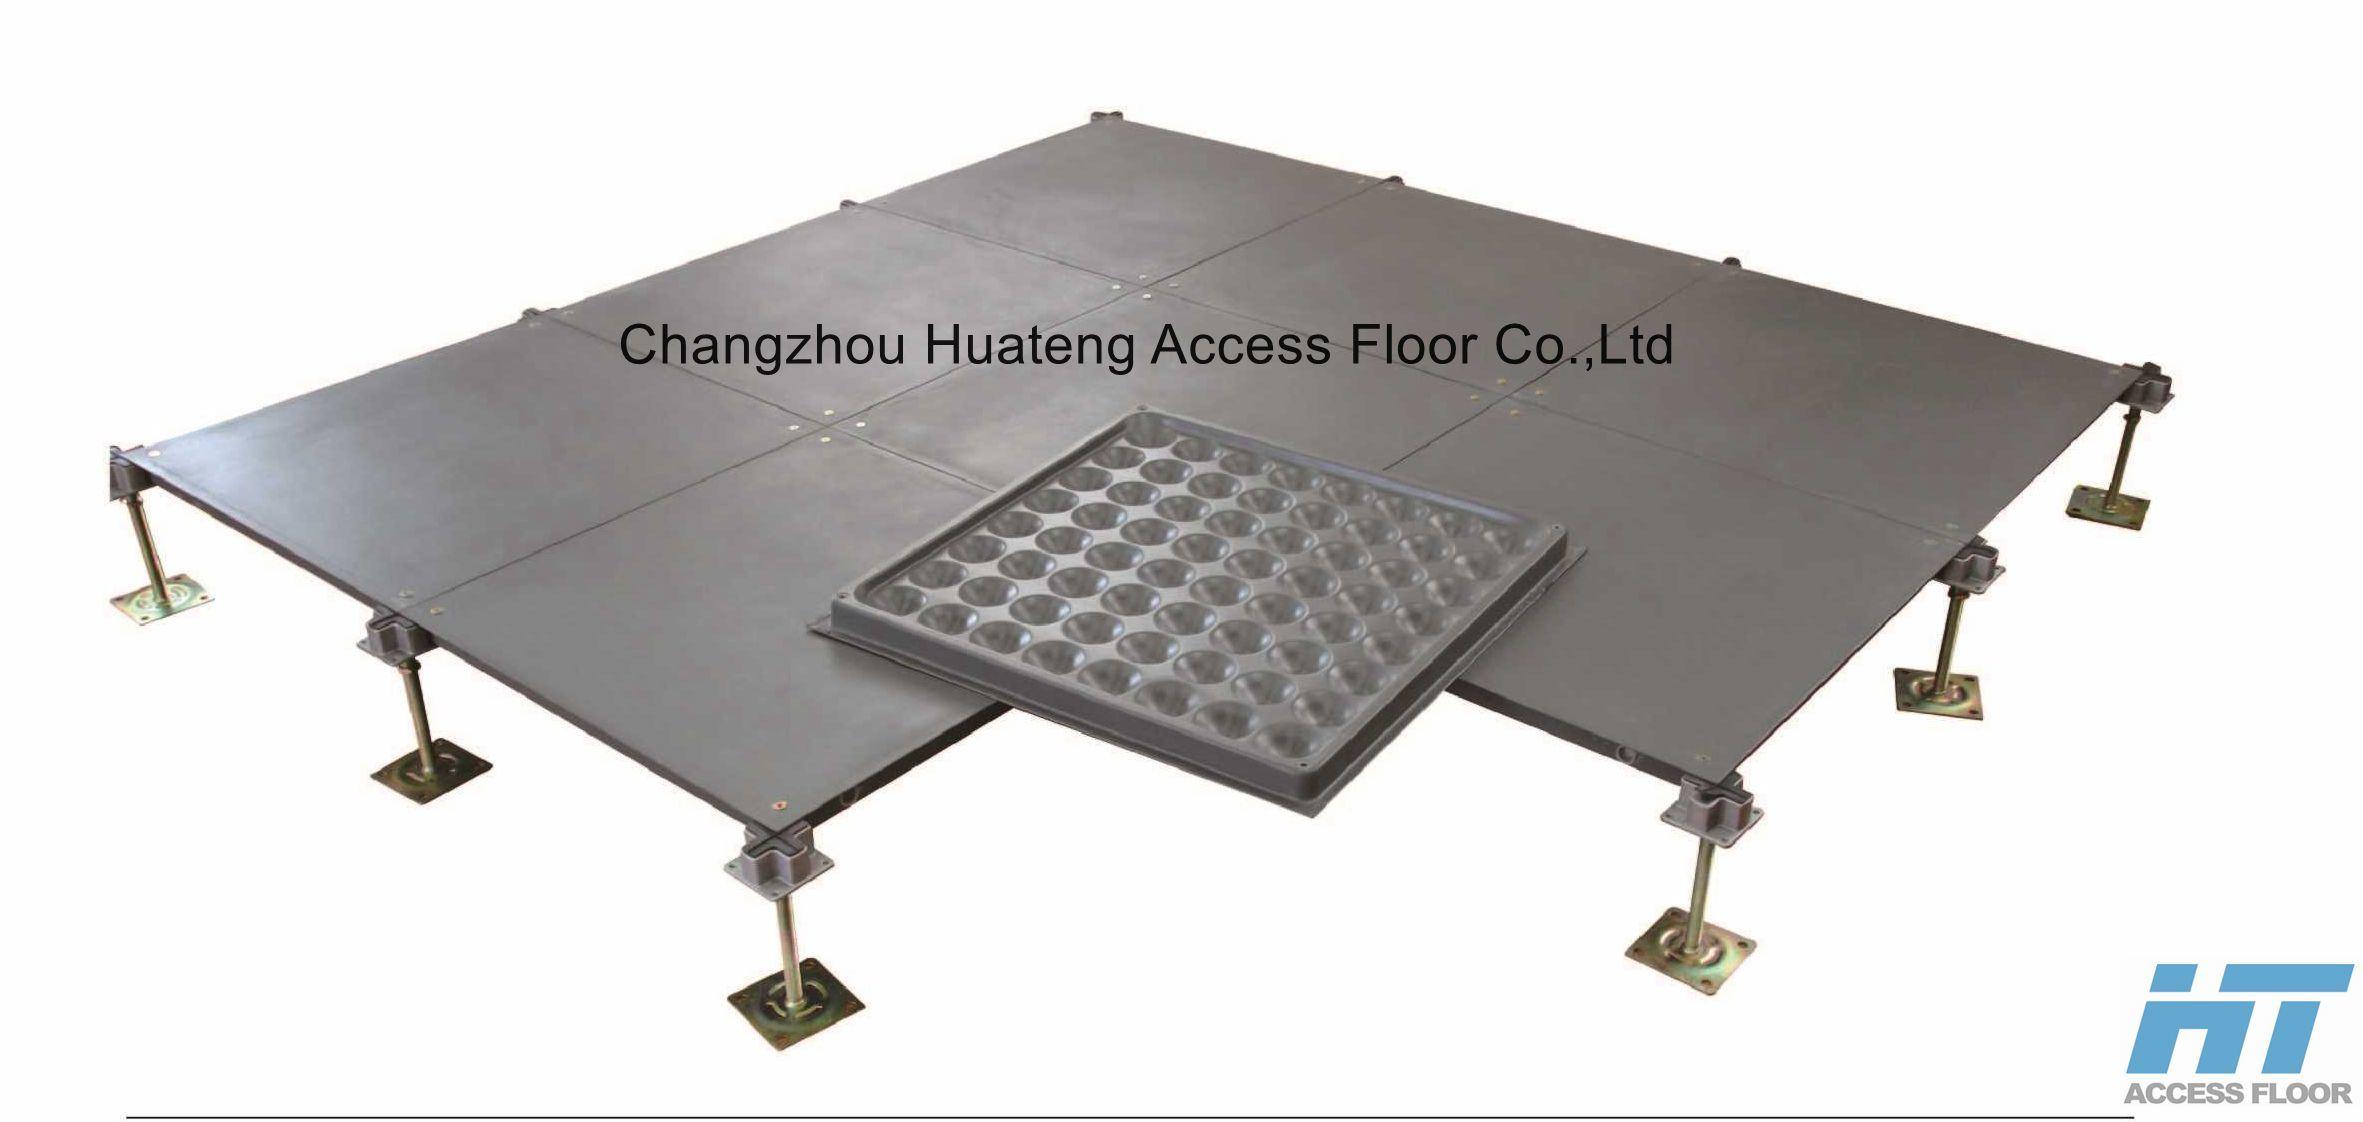 Server room floor tiles